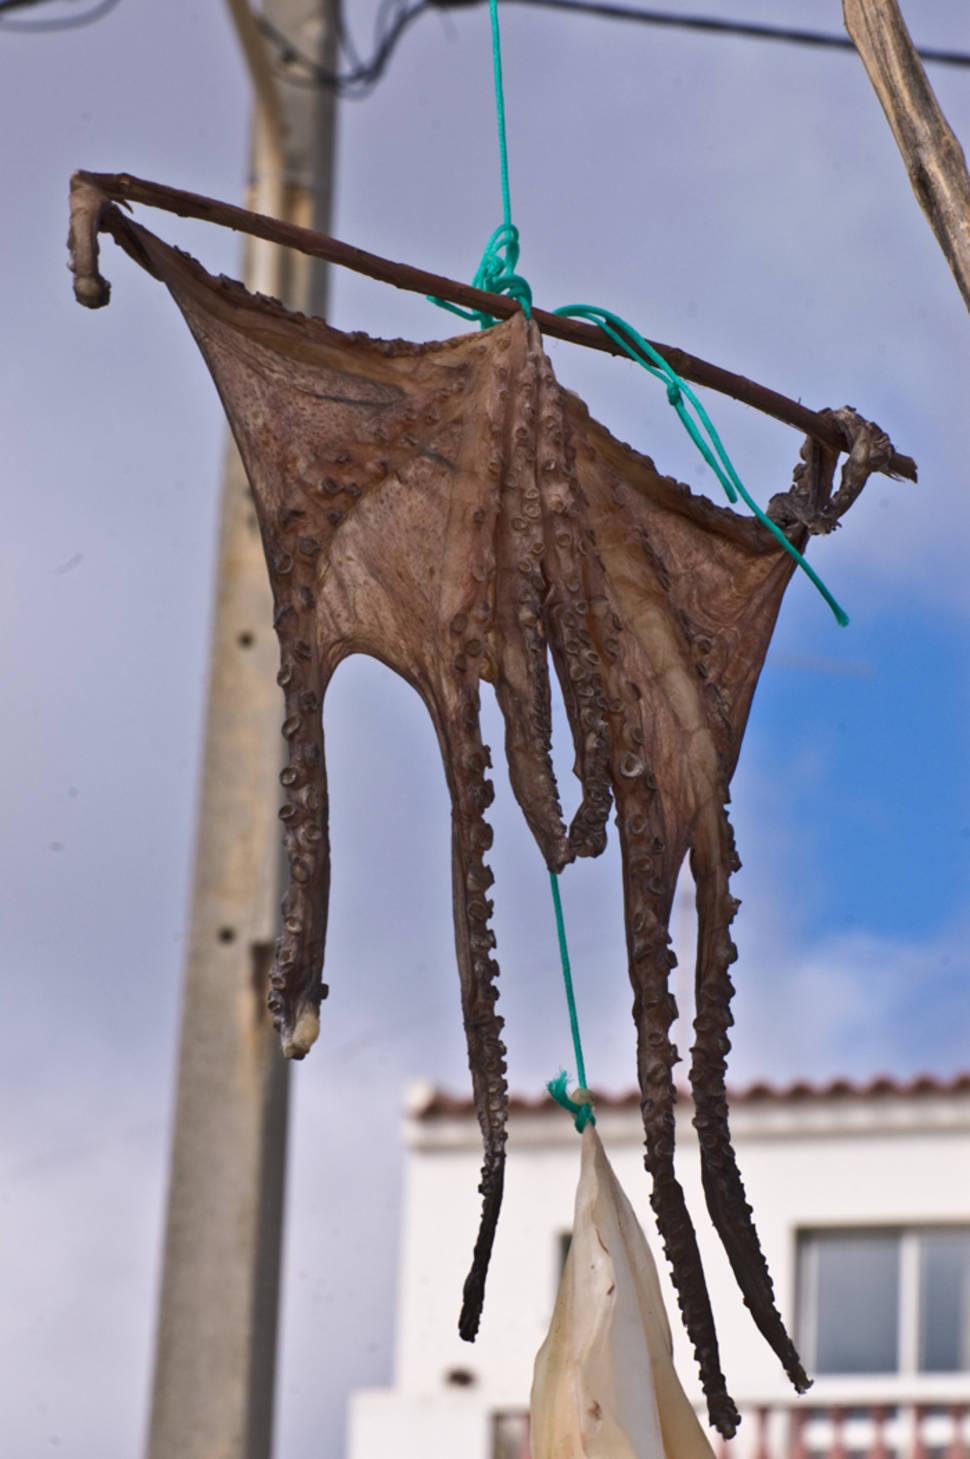 Sun-Dried Octopus in Portugal - Best Season